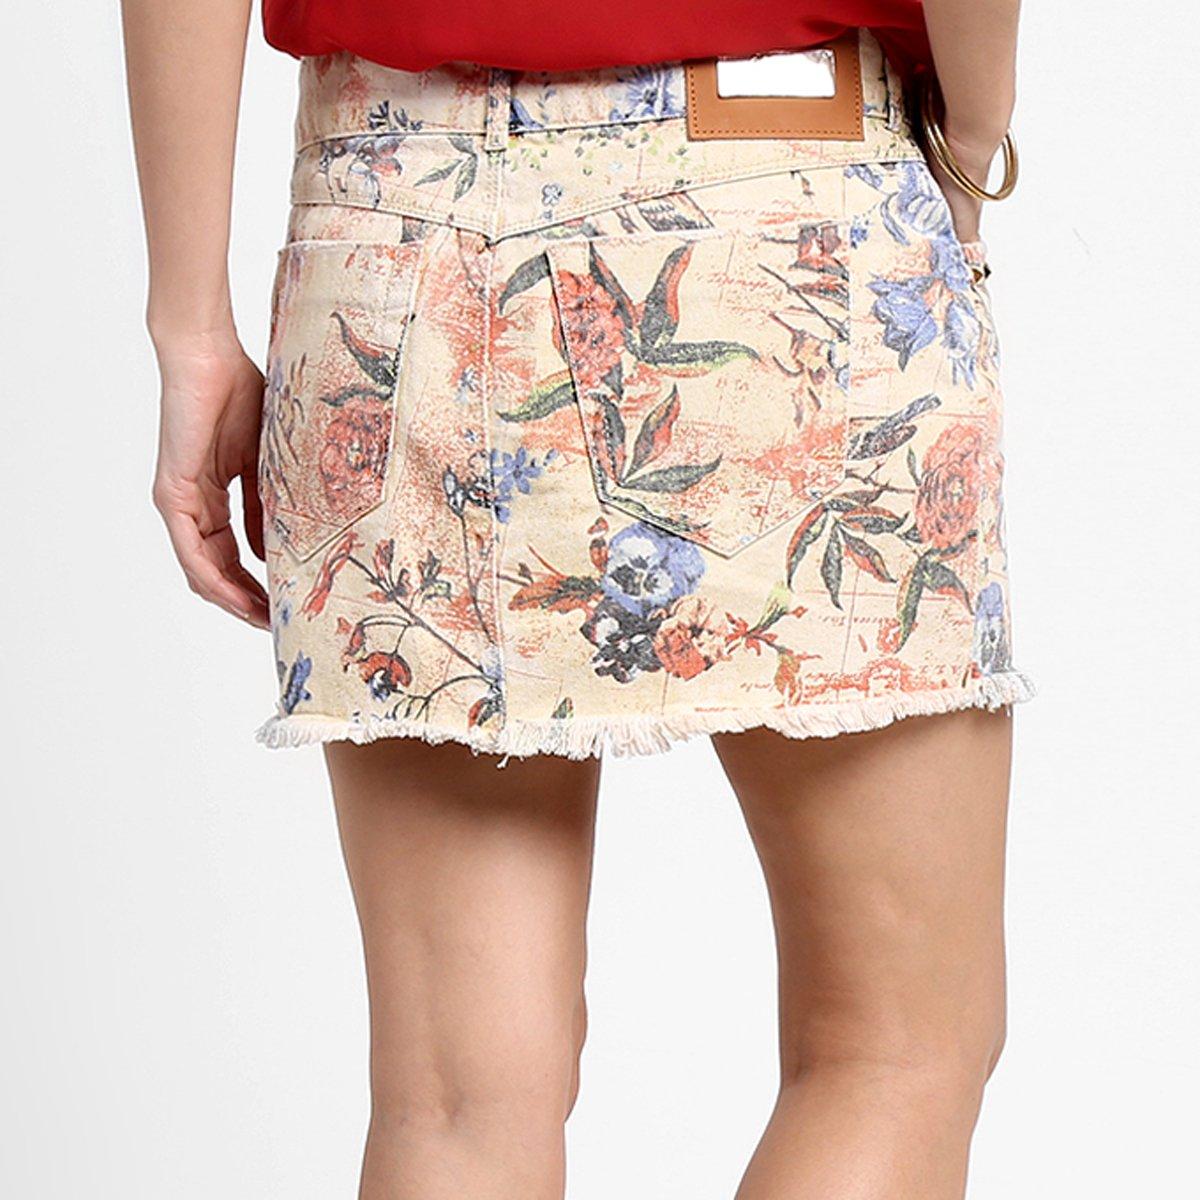 a3eaab909 Saia Dimy Flores e Pássaros - Compre Agora   Zattini